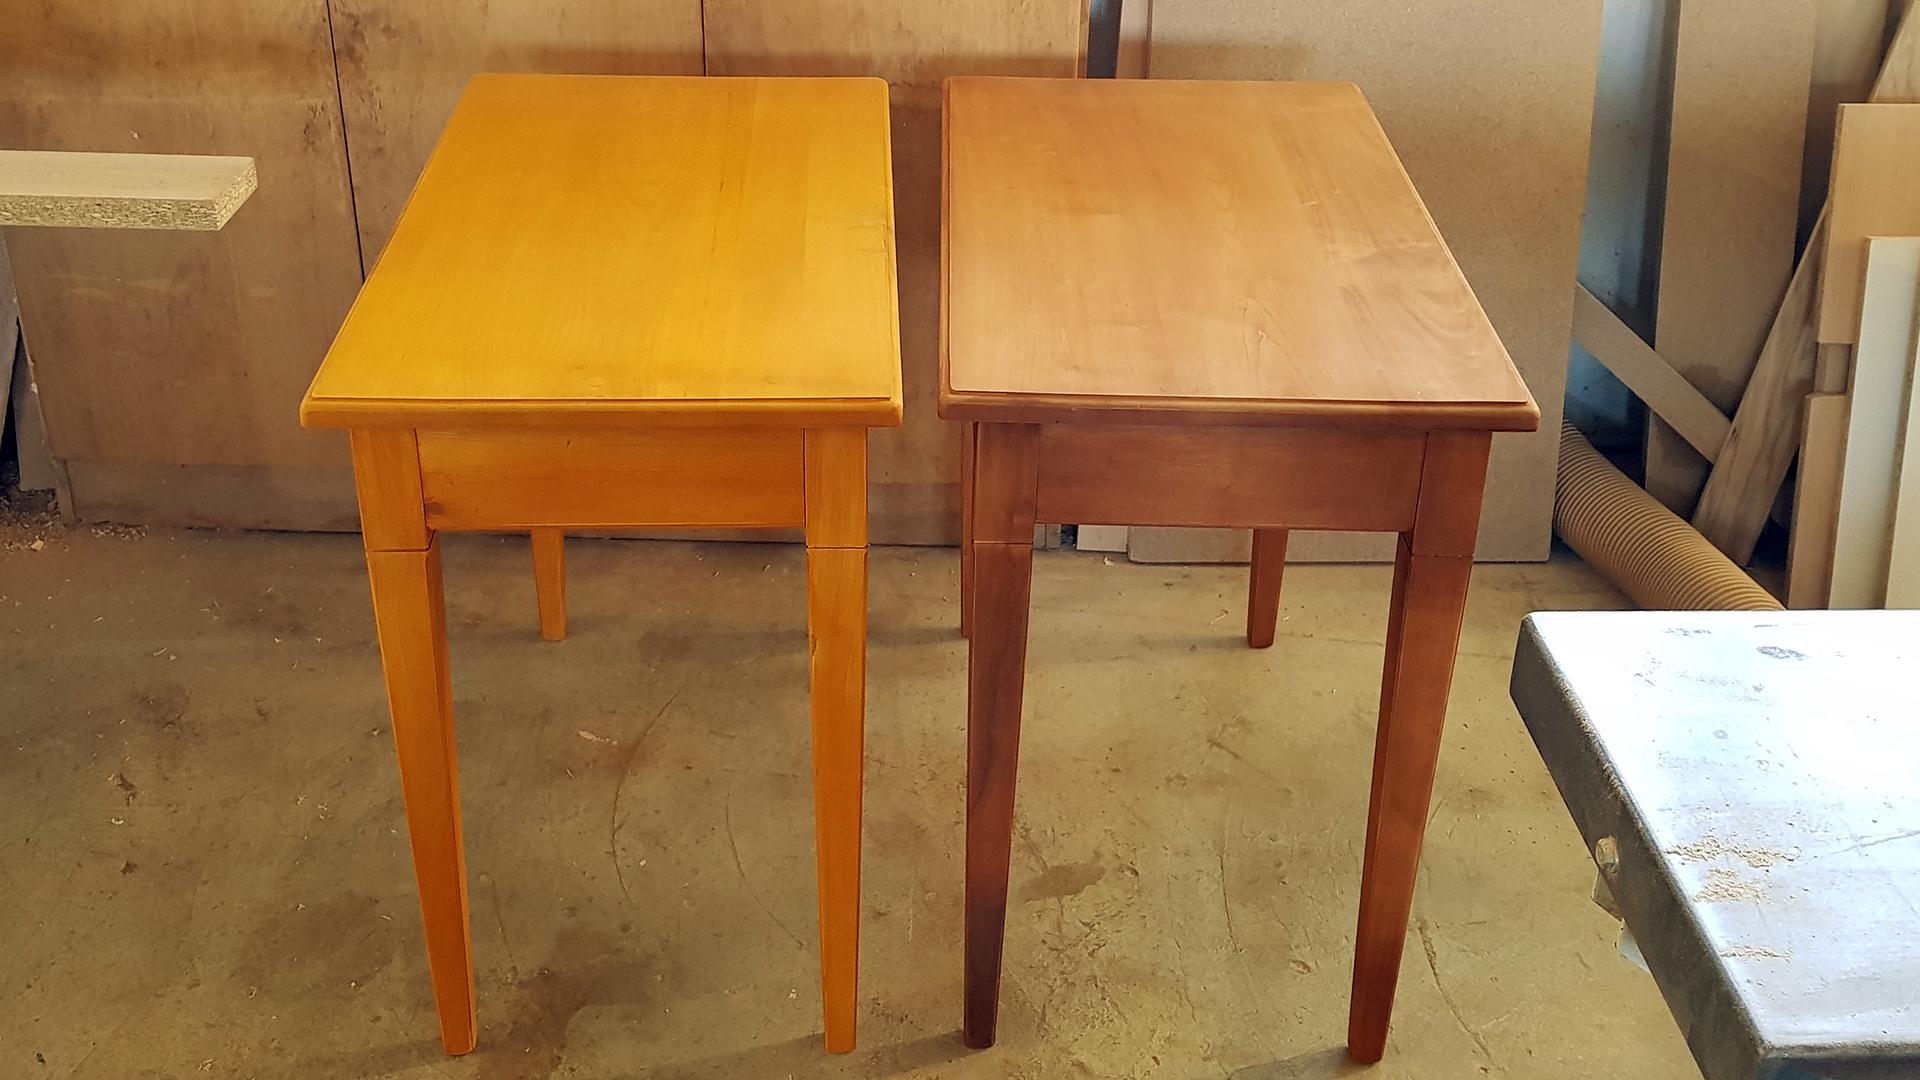 Atelier de fabrication des meubles : réalisation de tables